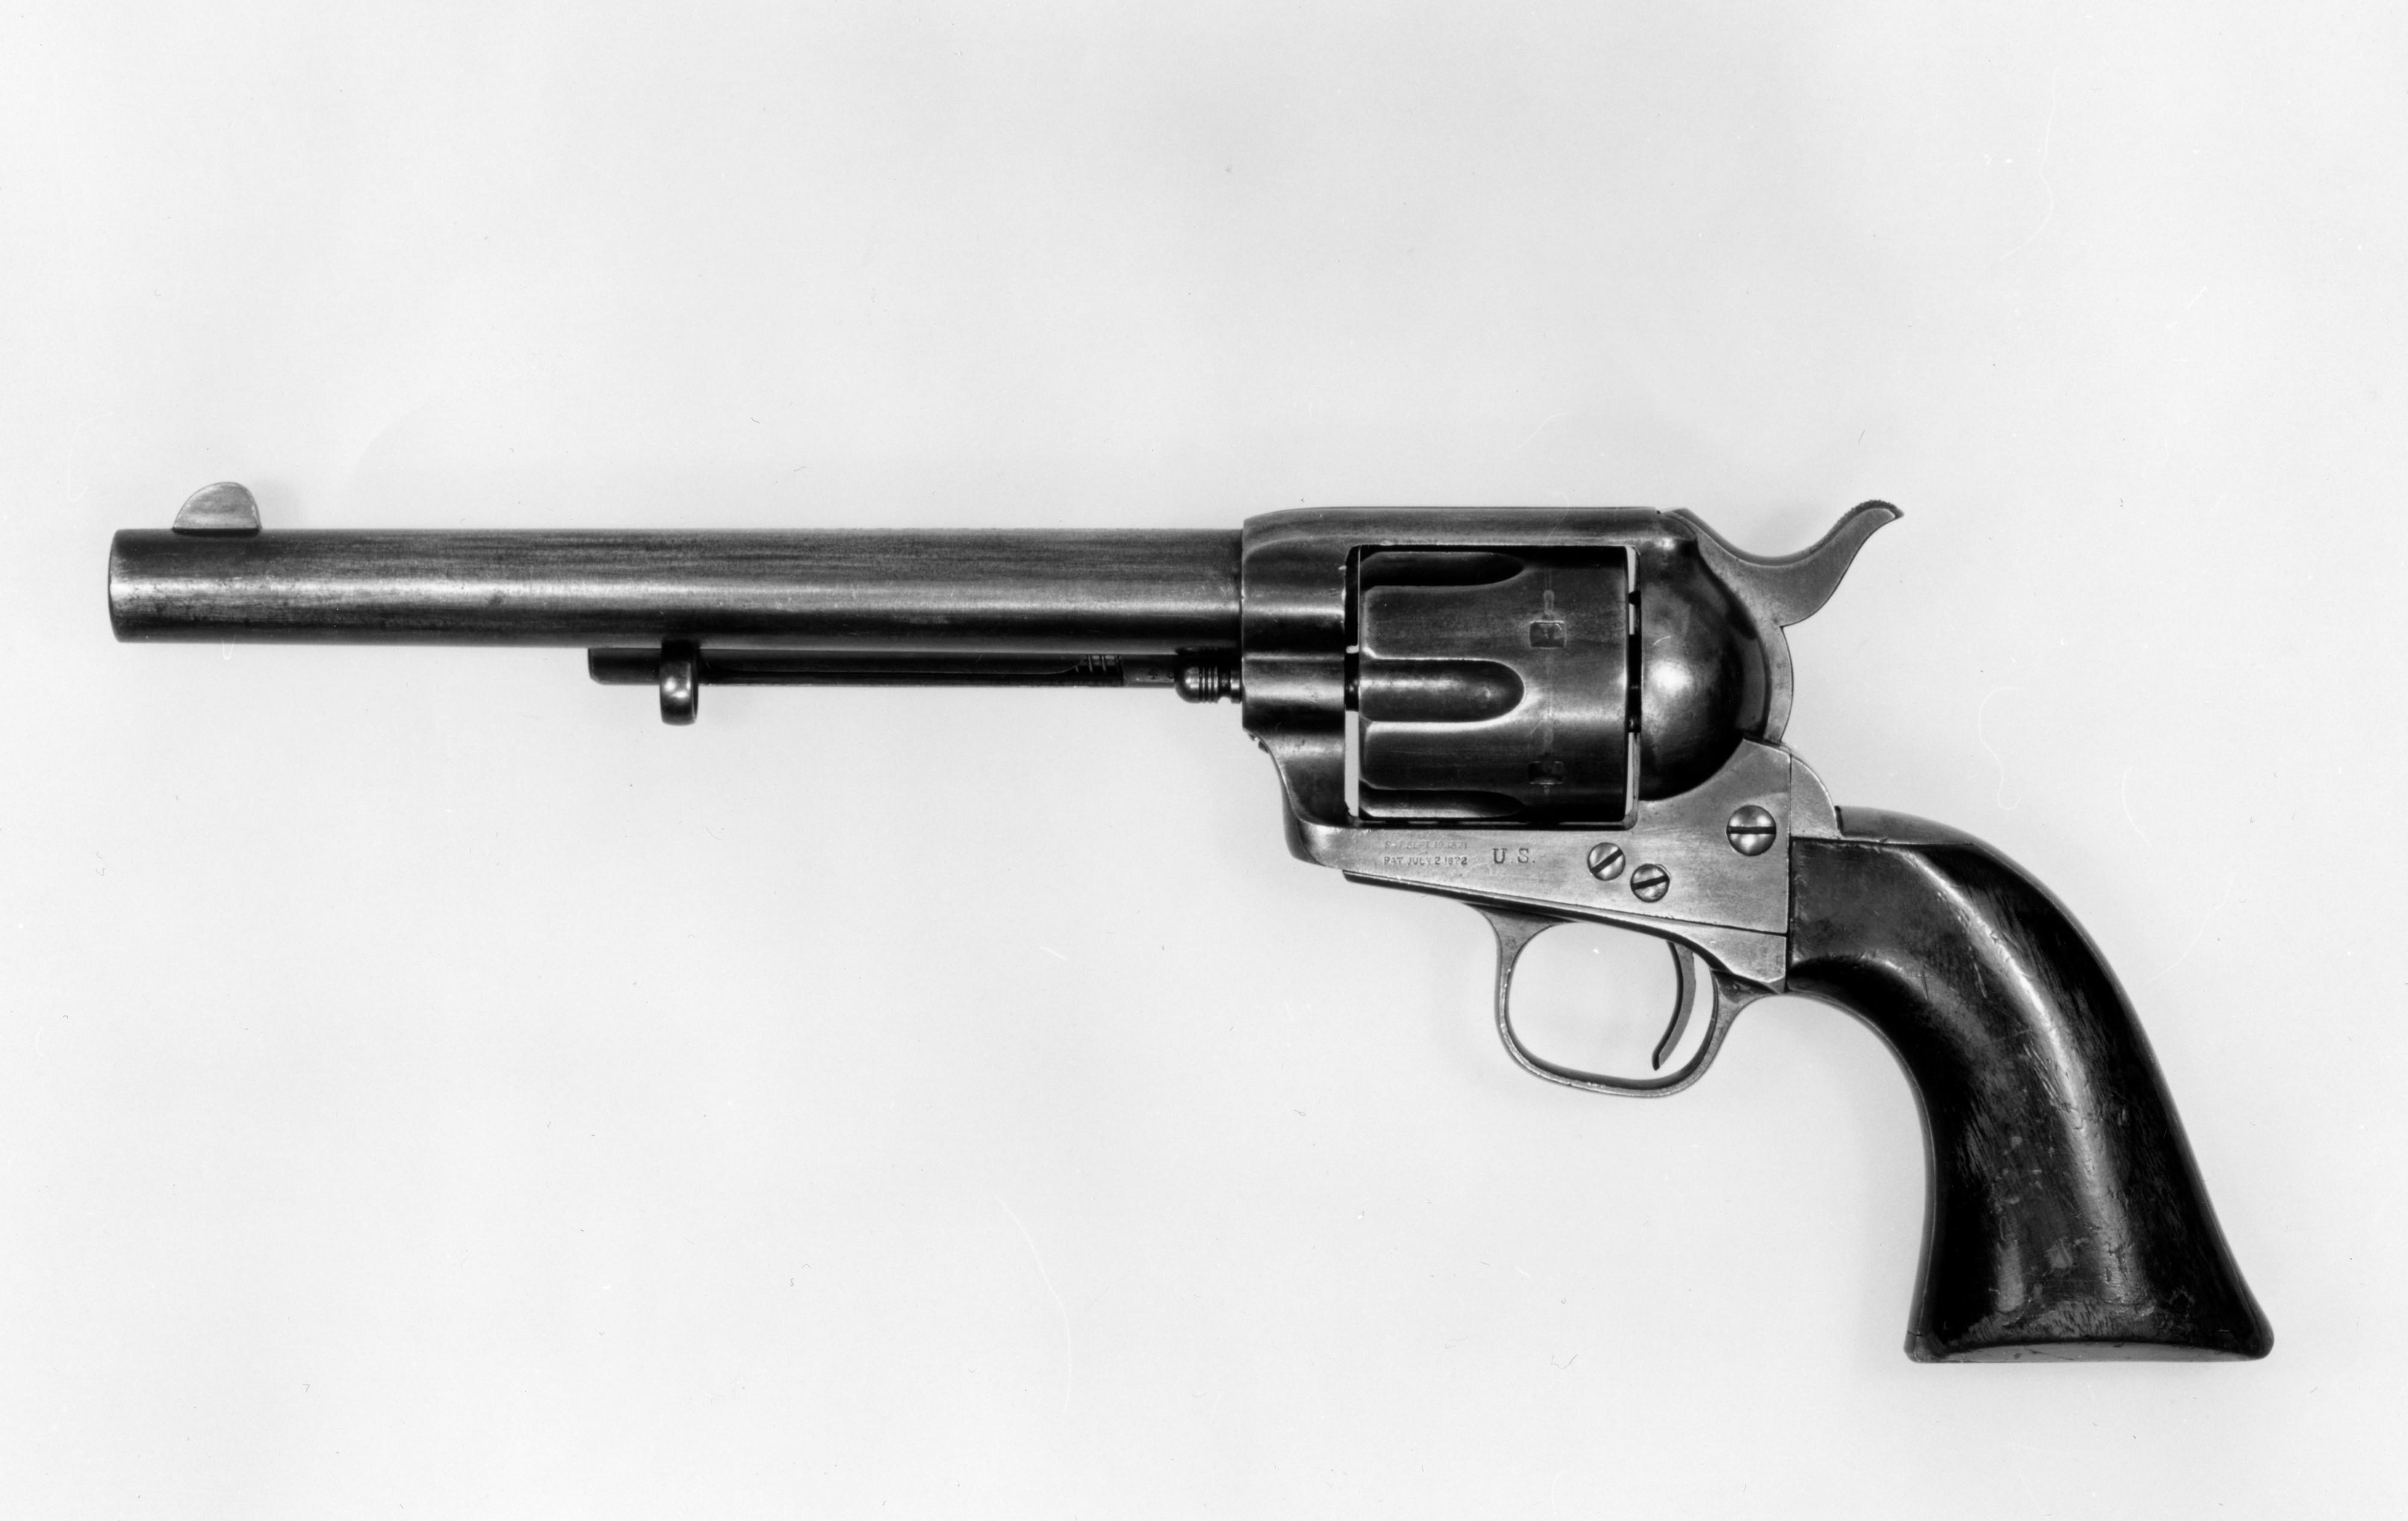 Colt Pistol - povaralibertatii.ro